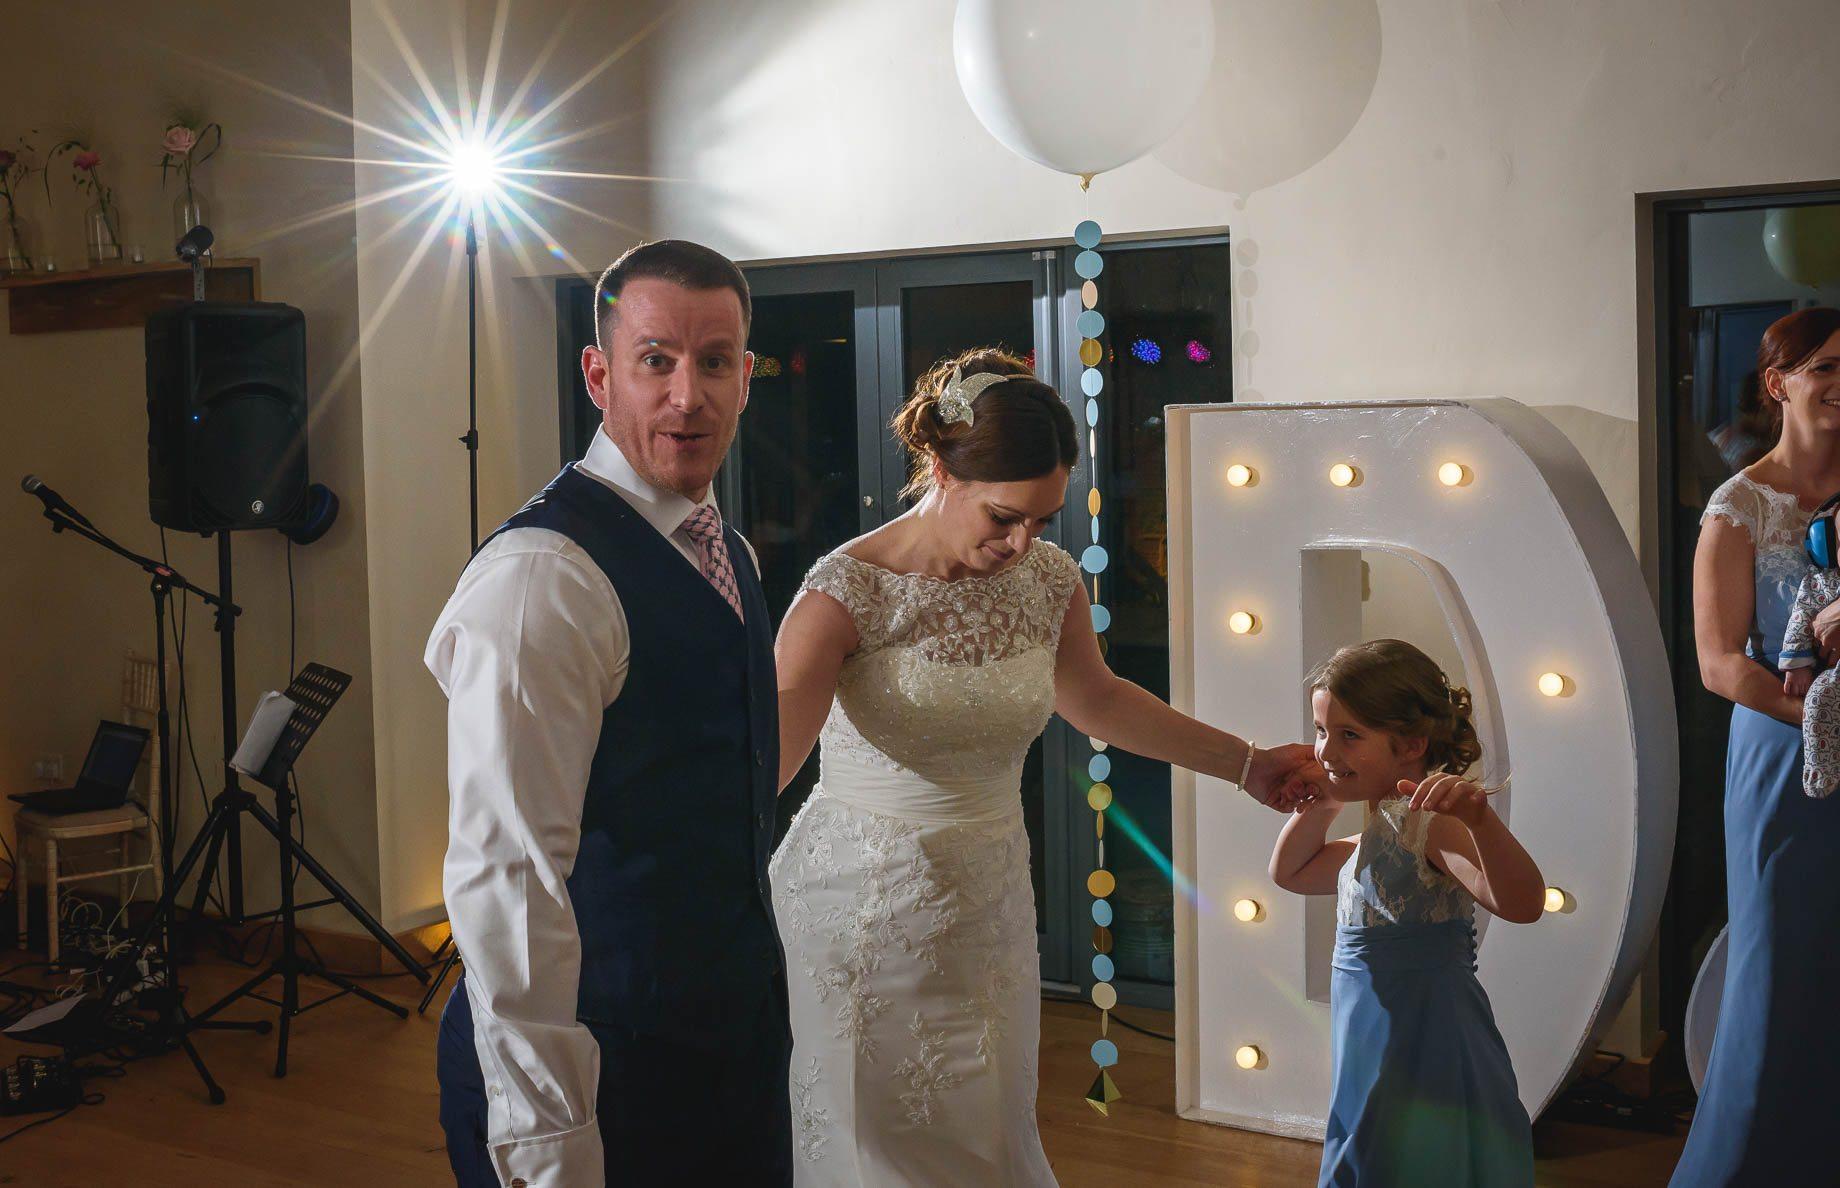 Millbridge Court Wedding Photography - Lisa and Daniel (168 of 173)